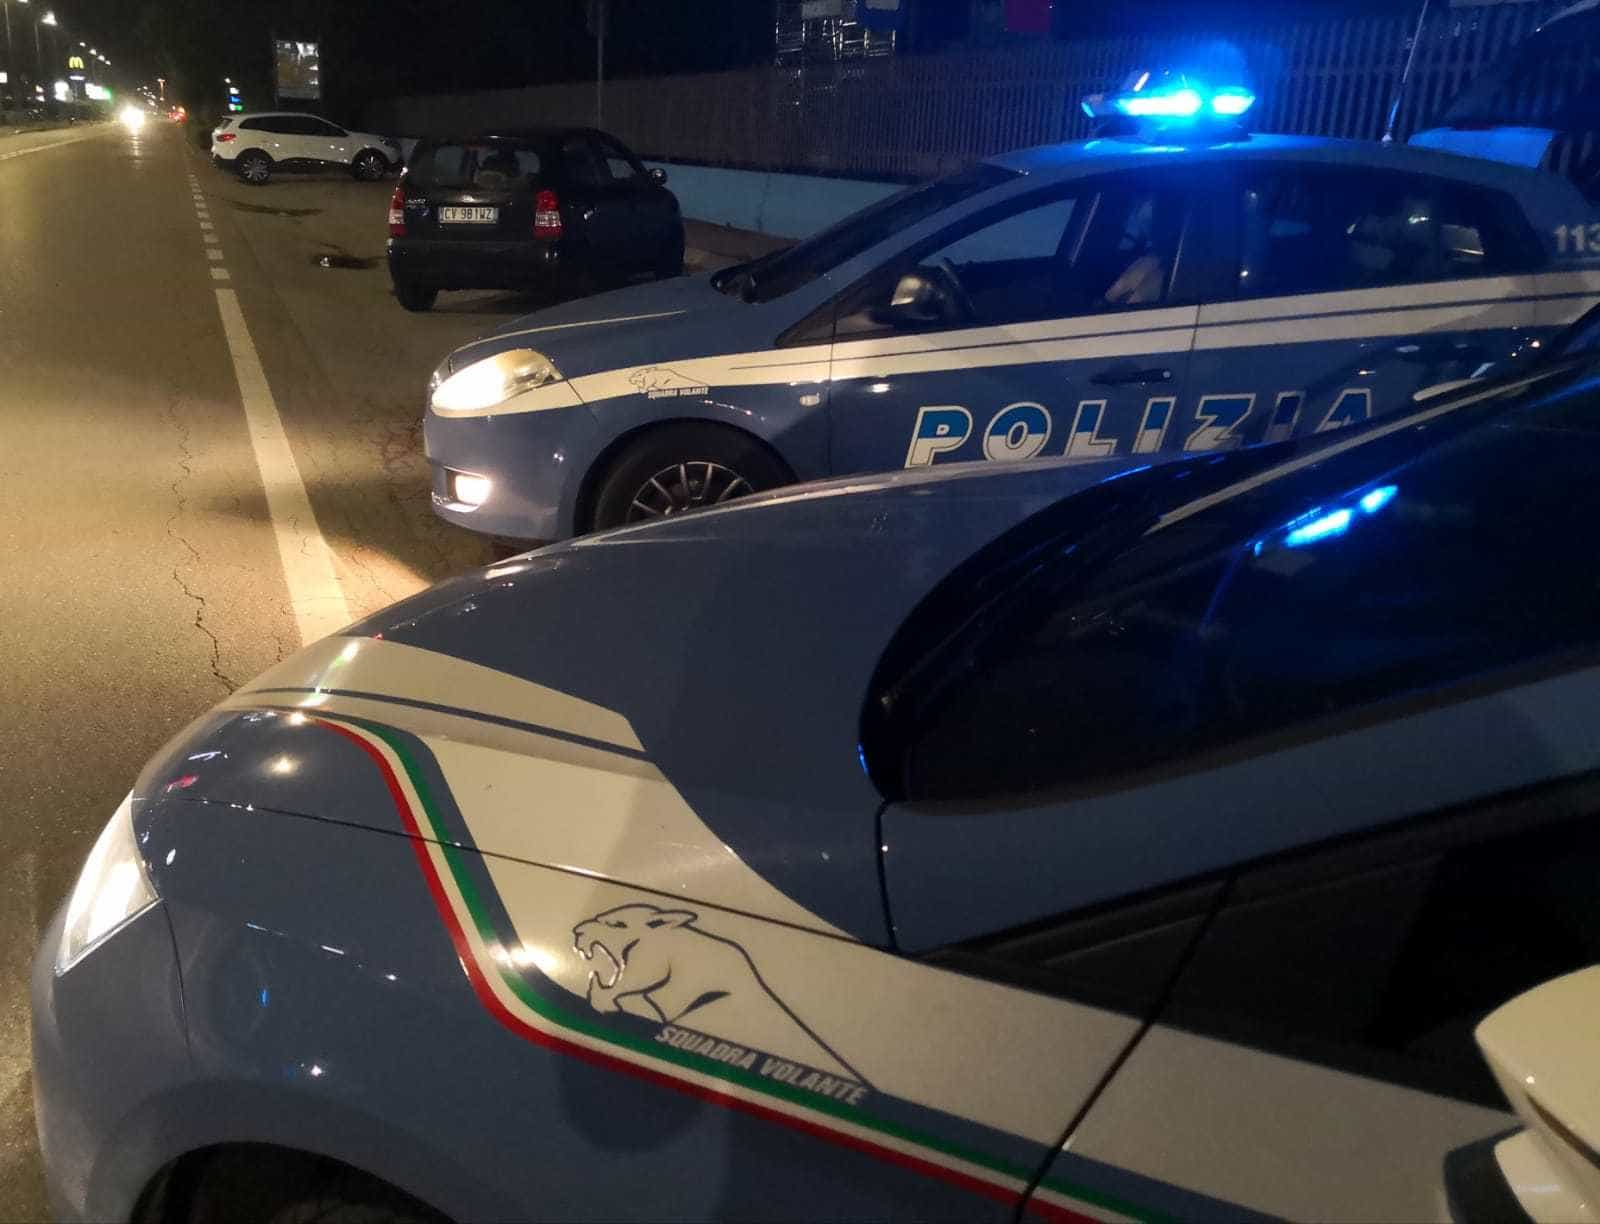 Parma, il dramma della droga: picchia i genitori per i soldi della dose